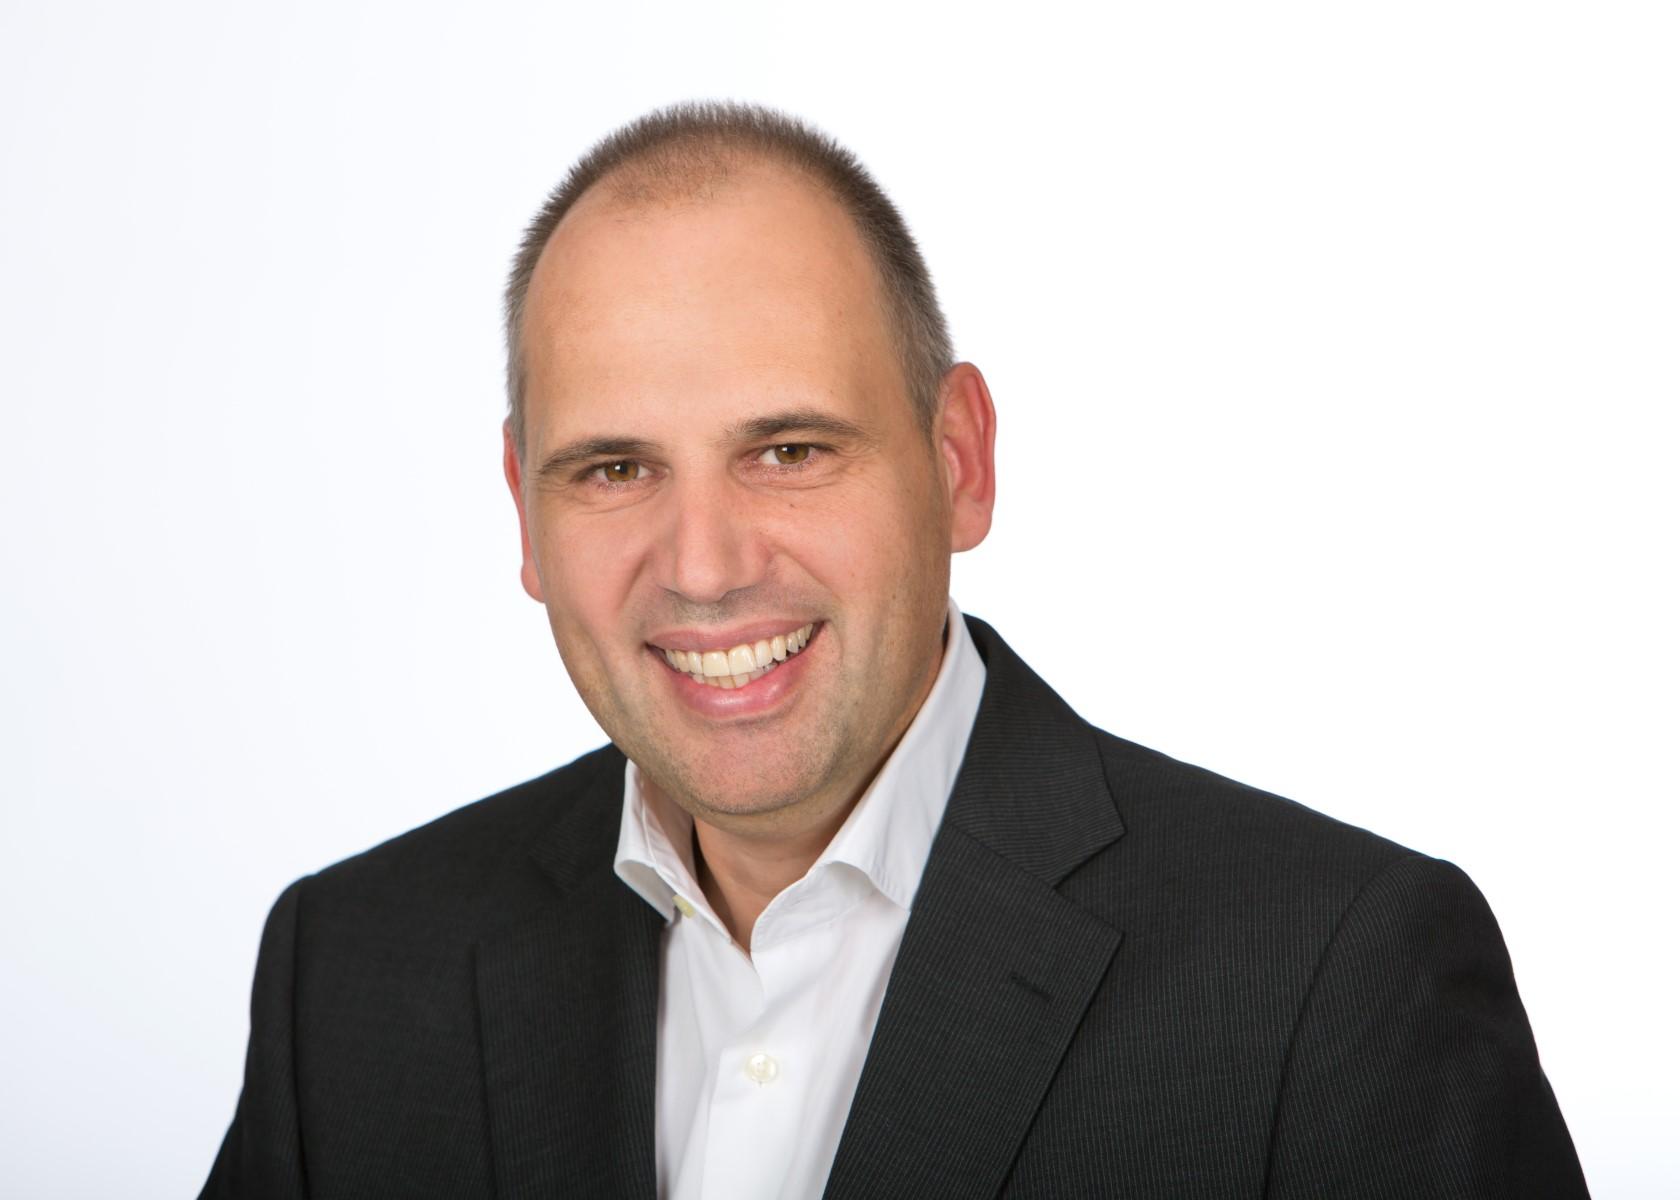 Jochen Reitmeier BfP